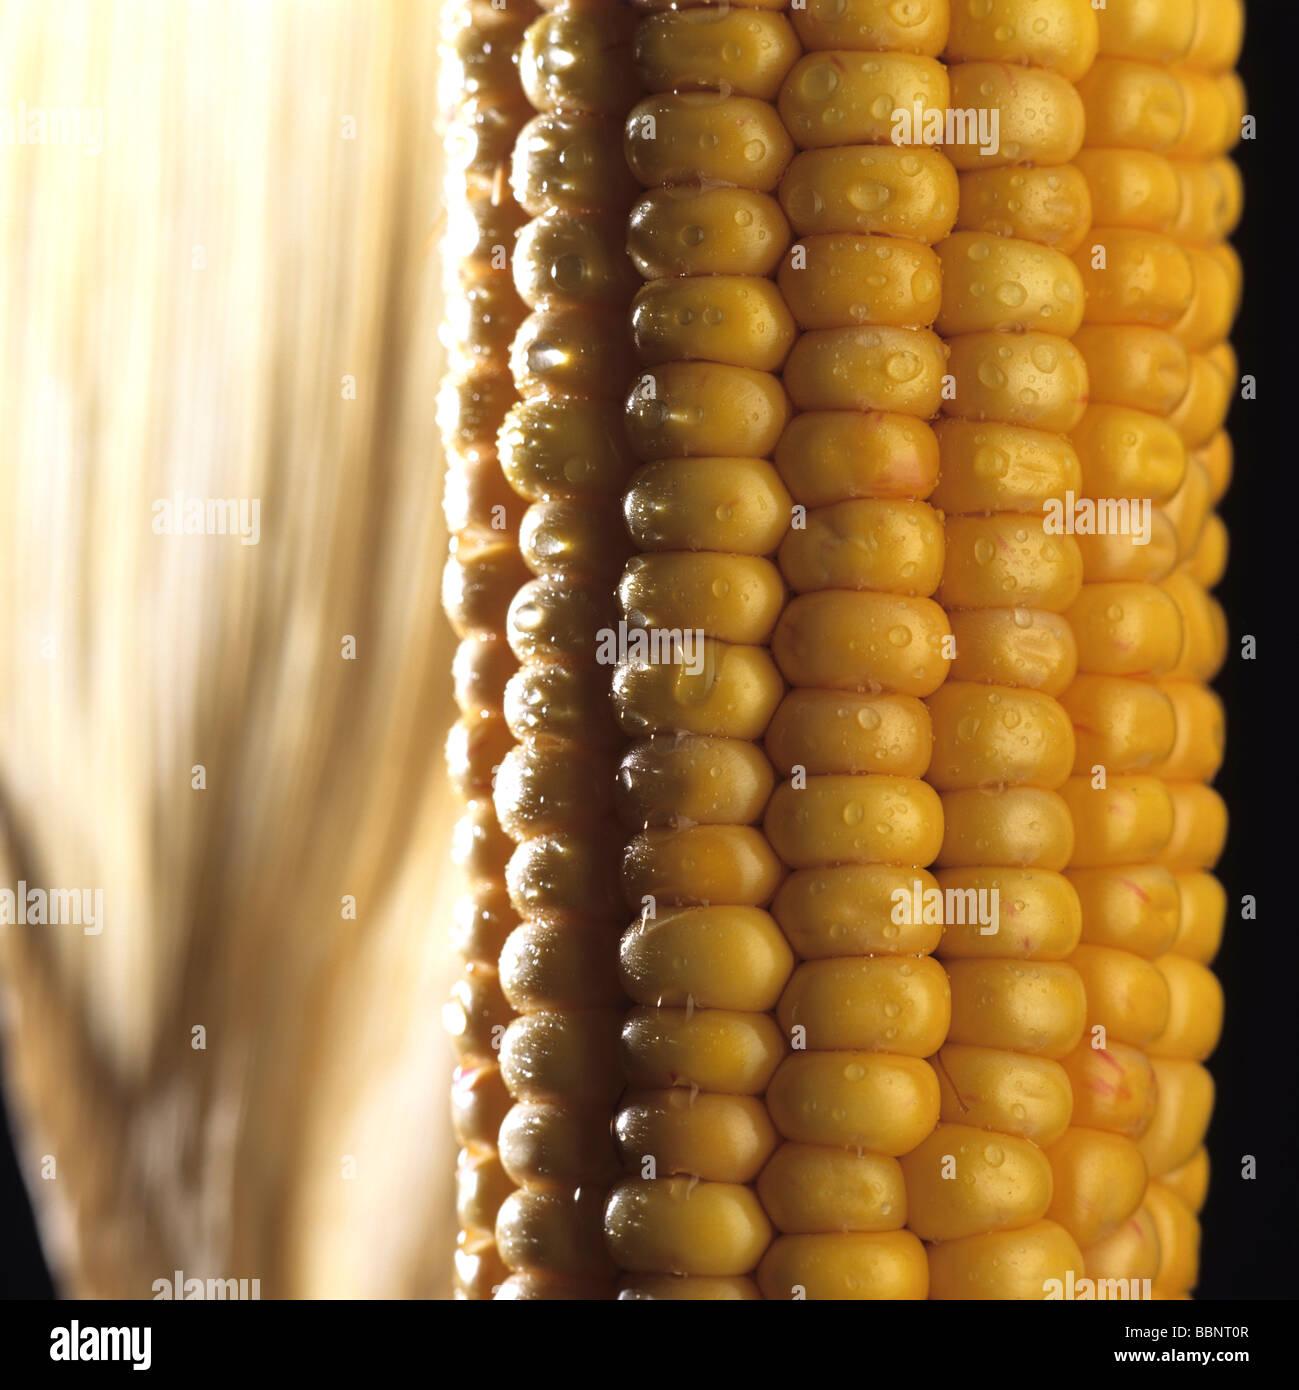 Épi de maïs ou d'épis de maïs Photo Stock